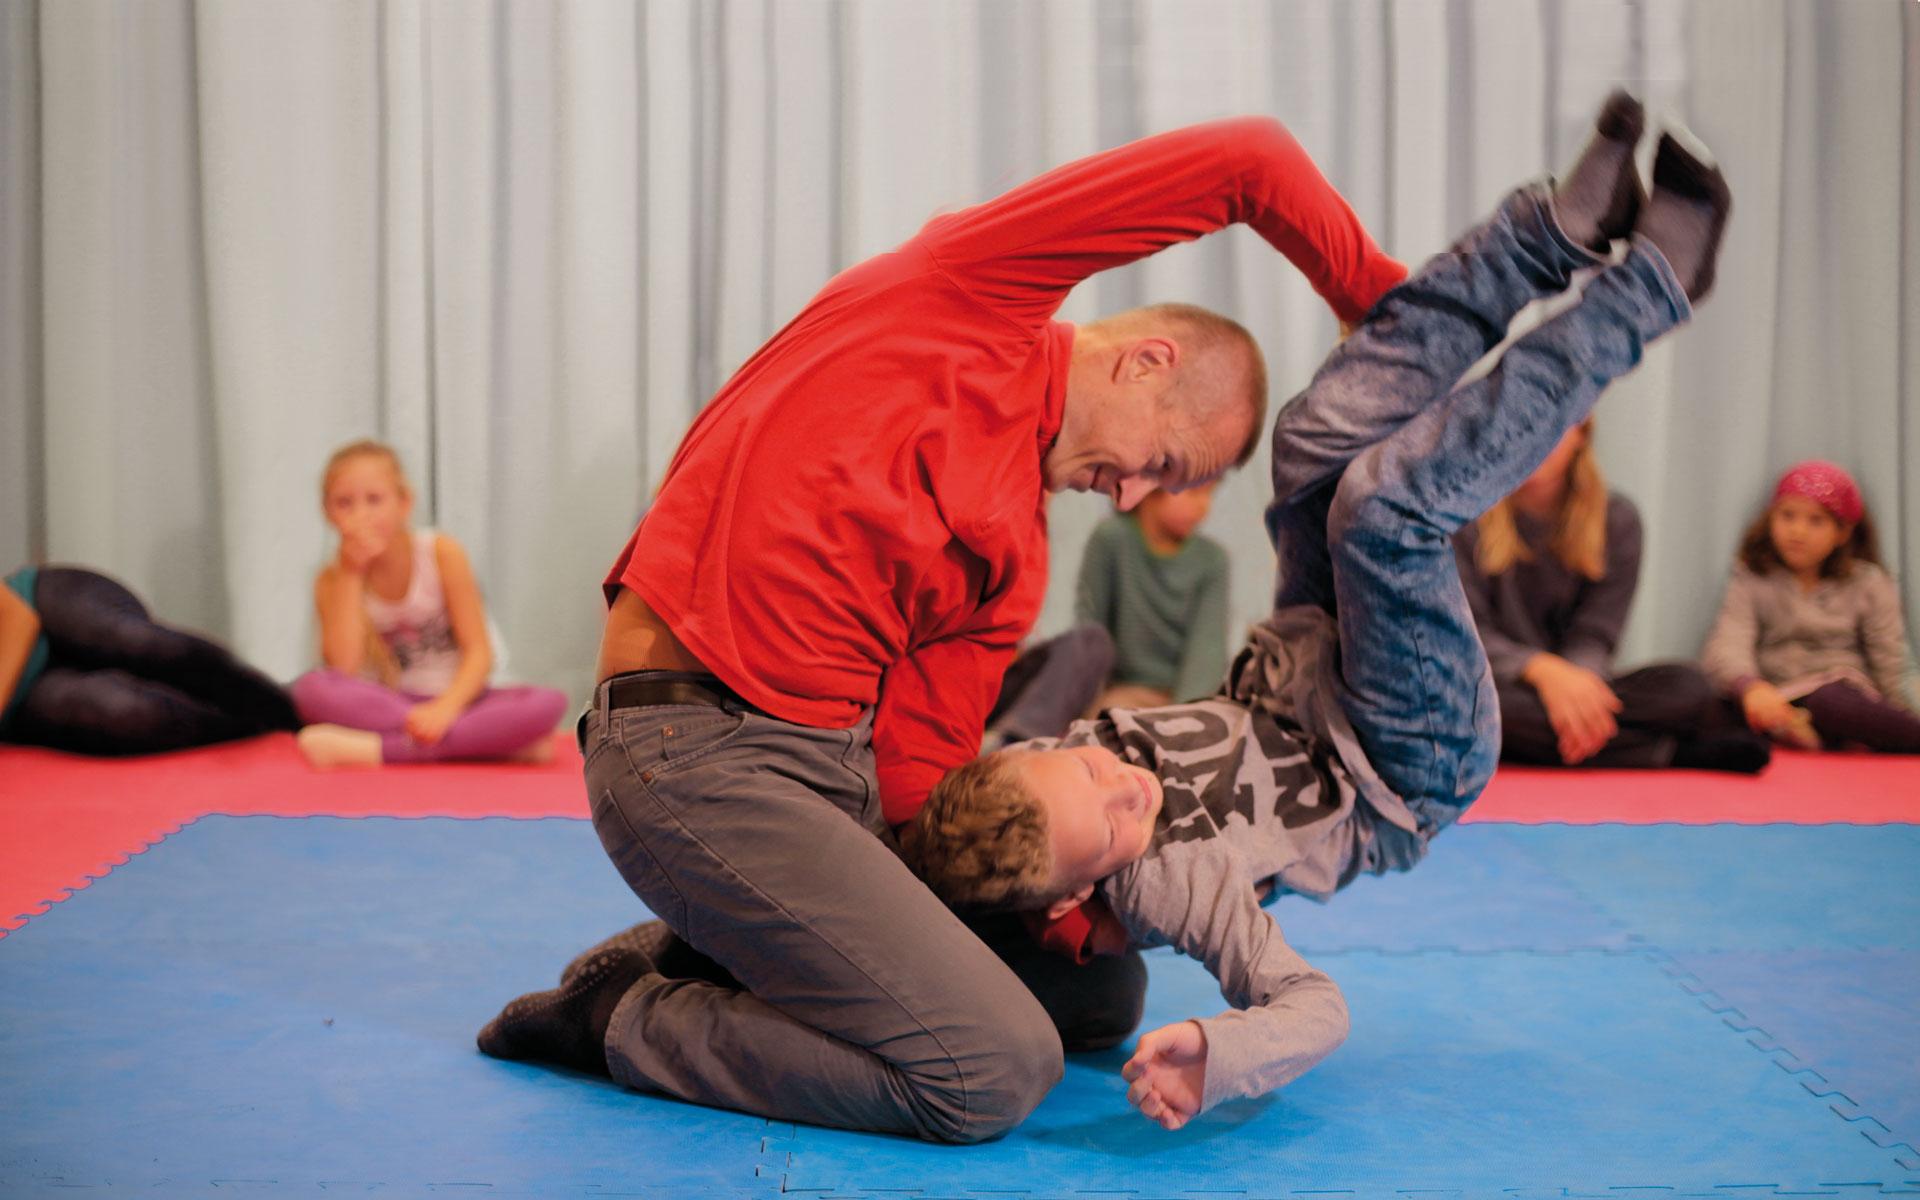 Rainer spielt mit einem Kind